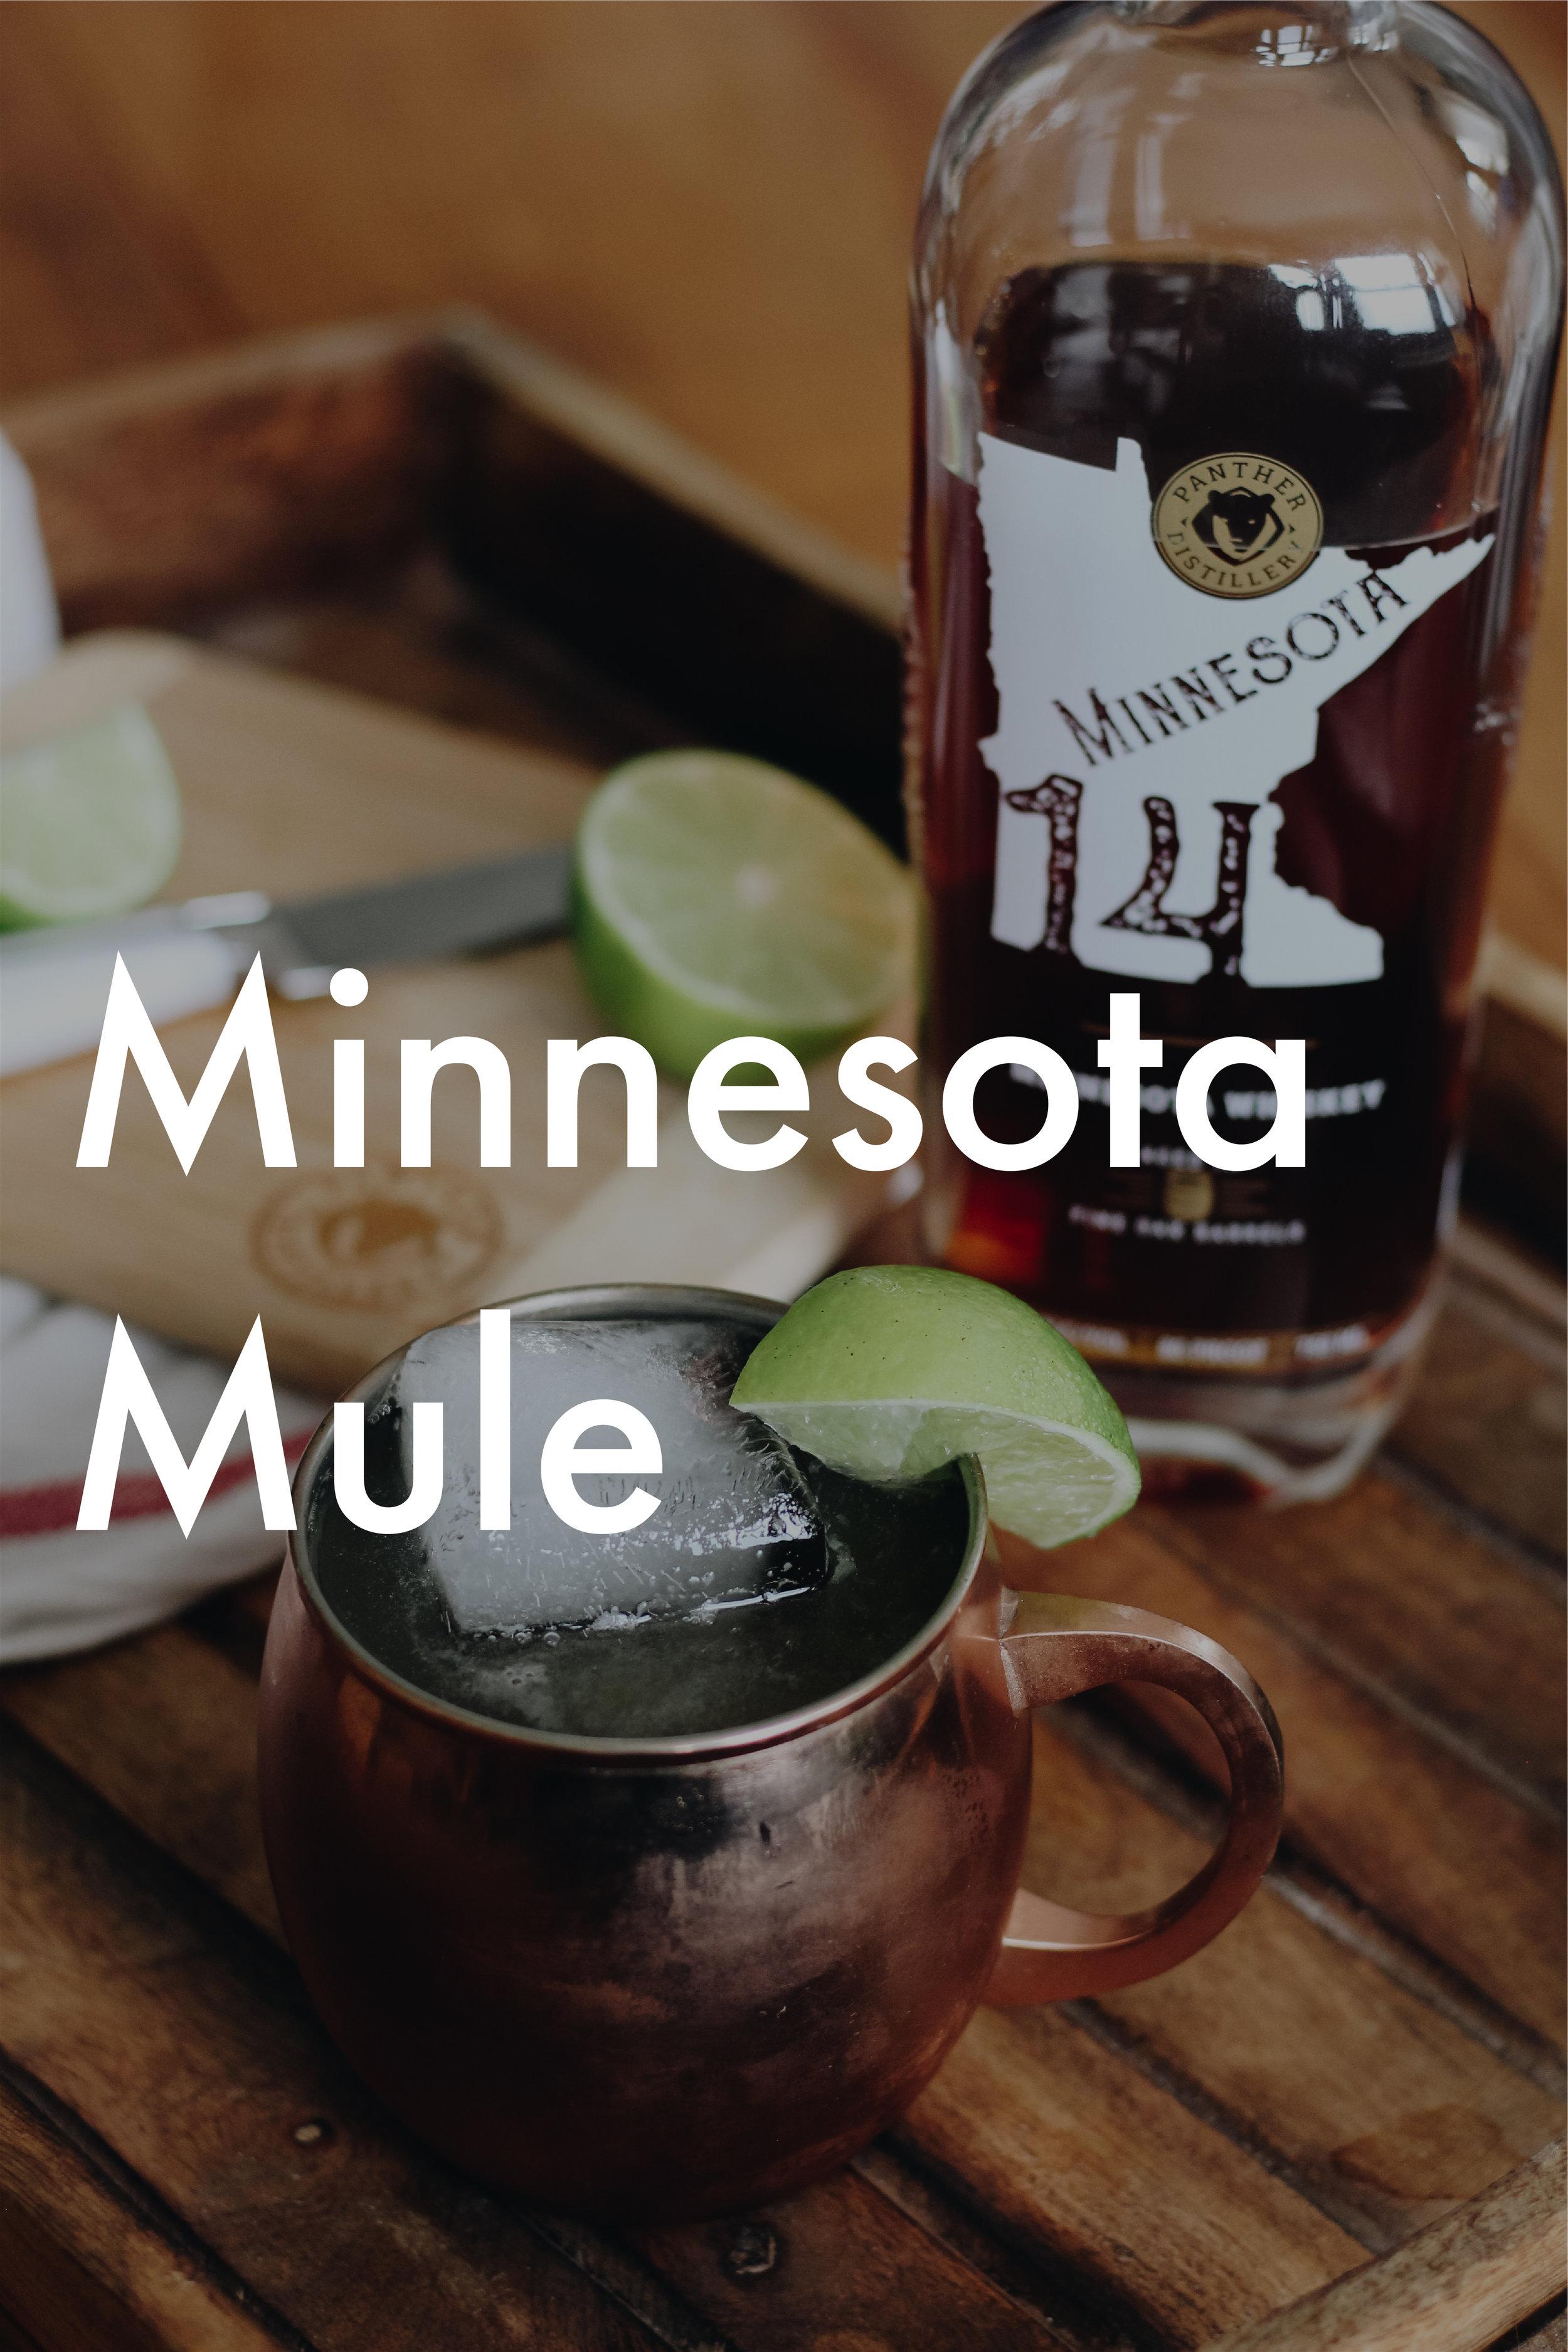 Minnesota Mule